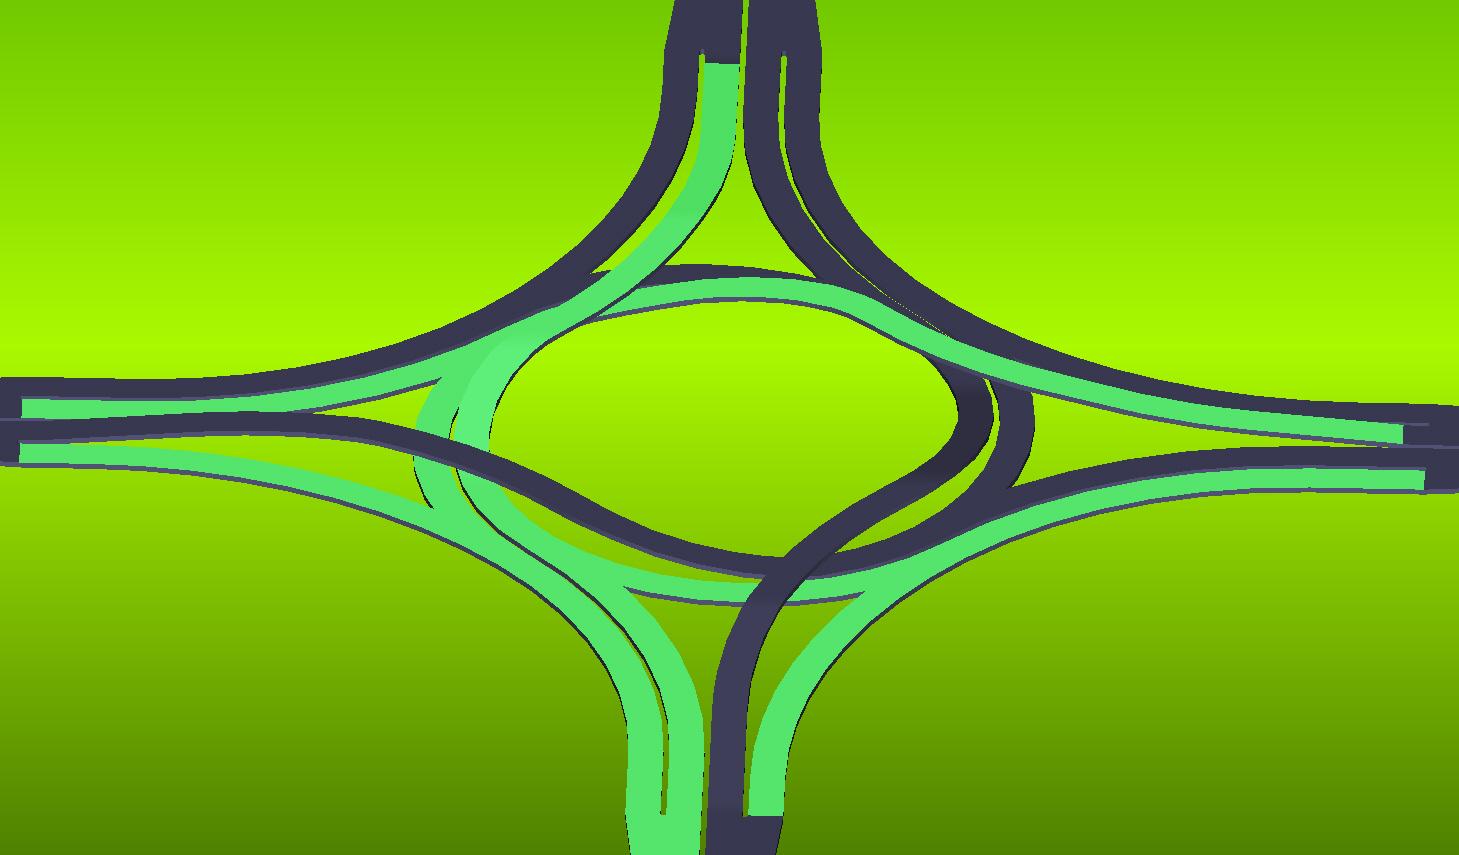 Roundaboud_Bridge_3jpg